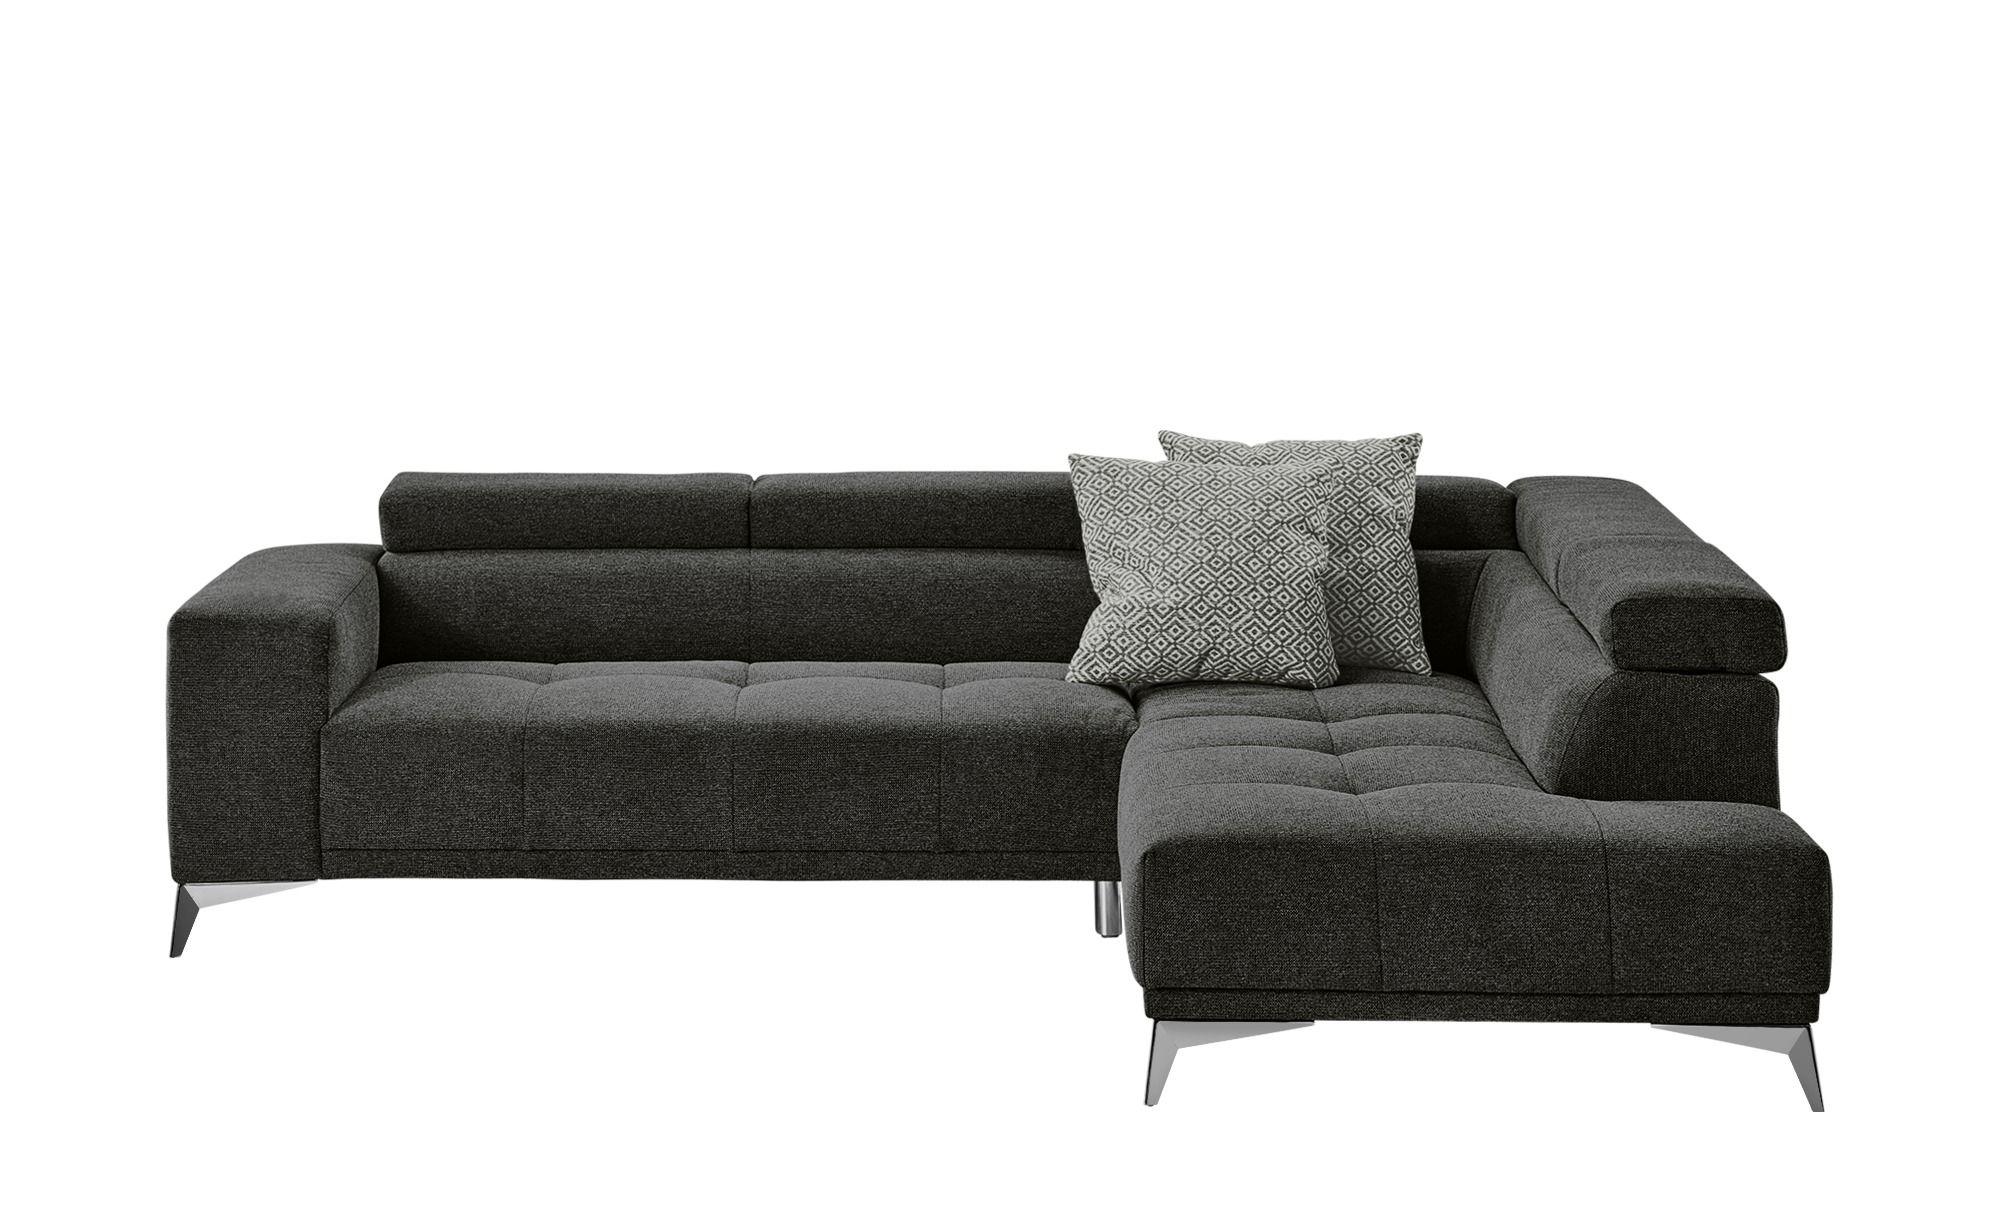 Großartig L Sofa Günstig Beste Wahl Wohnzimmercouch Mit Bettfunktion   Sitz And Sofas